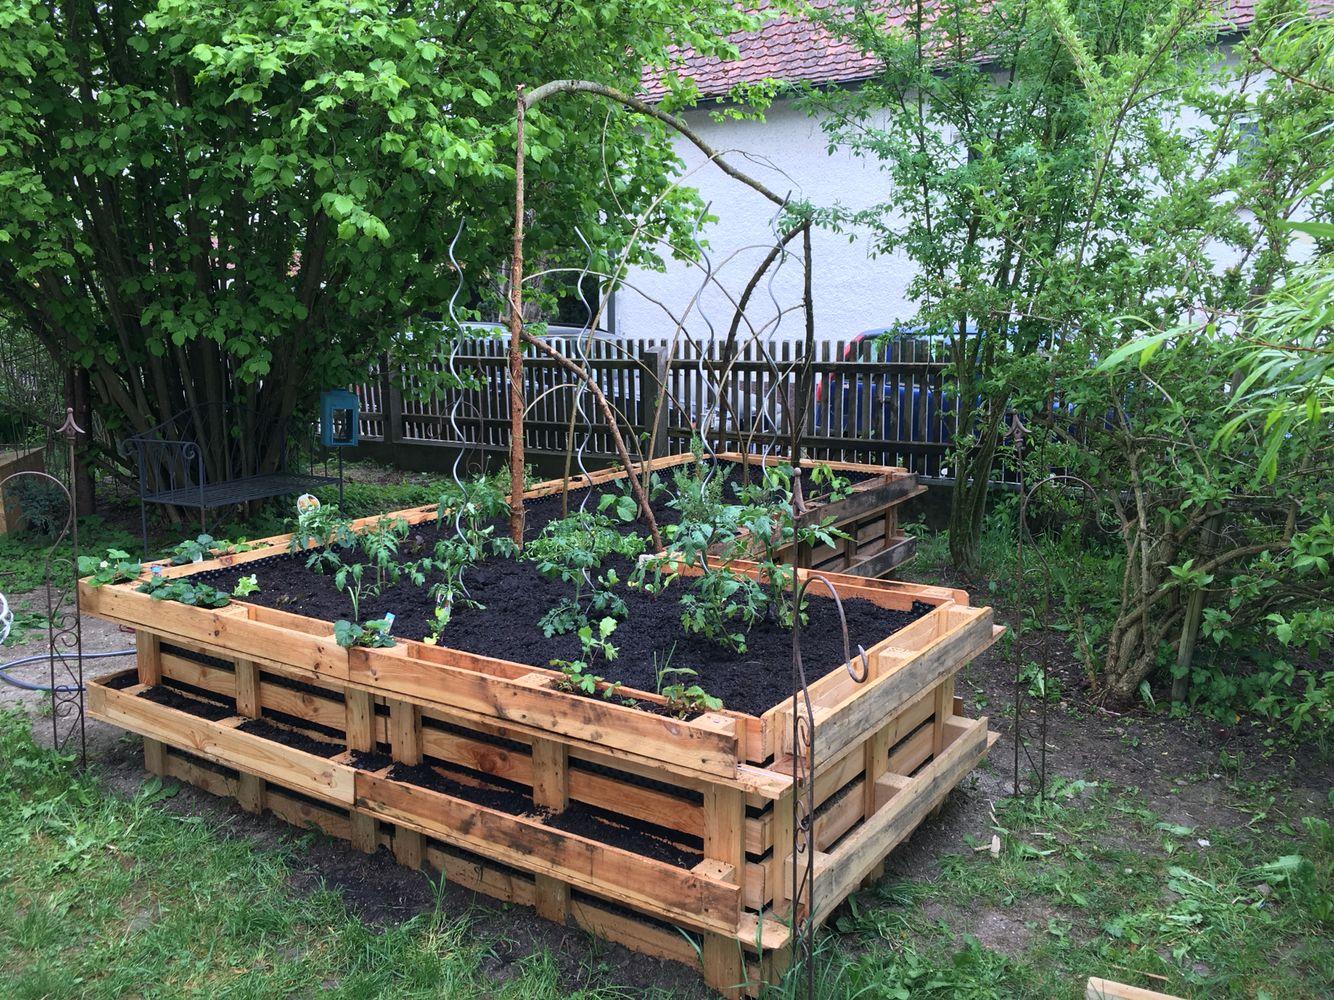 hochbeet mit tomaten und gurken und vielen mehr bepflanzt hochbeet aus paletten pinterest. Black Bedroom Furniture Sets. Home Design Ideas